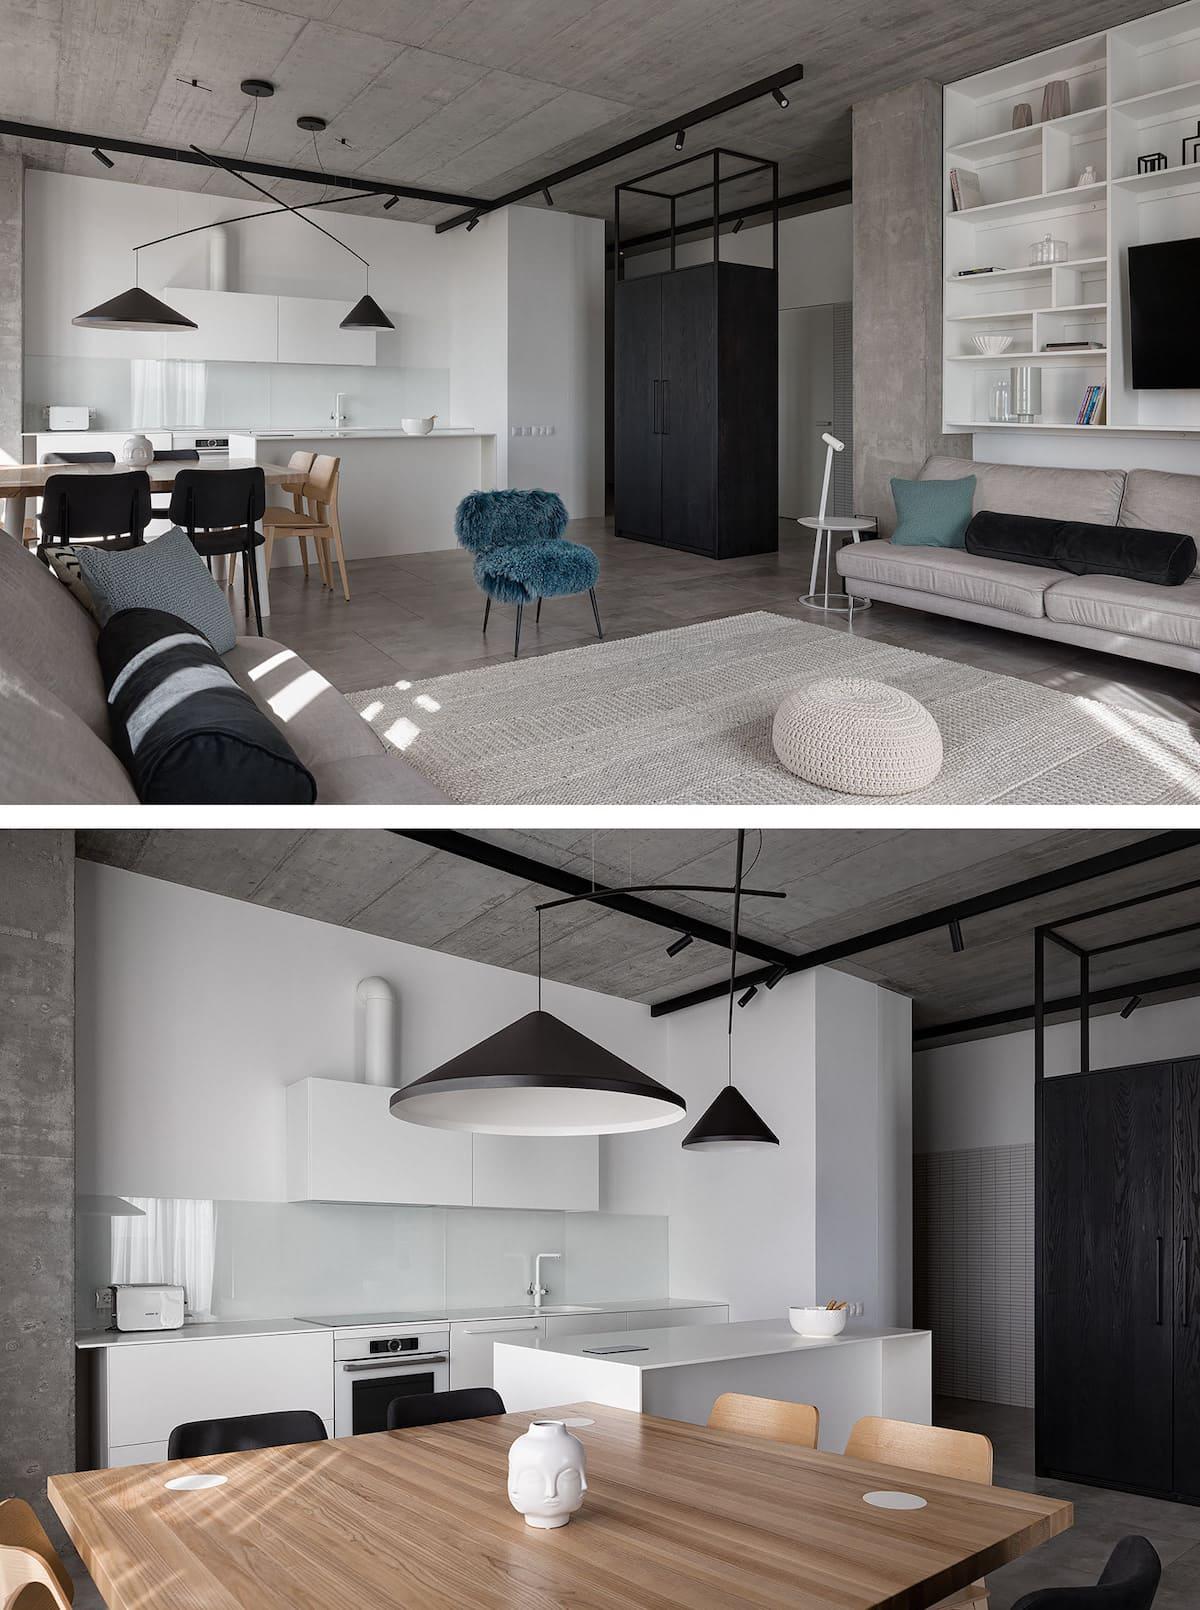 conception d'un appartement à une chambre photo 71